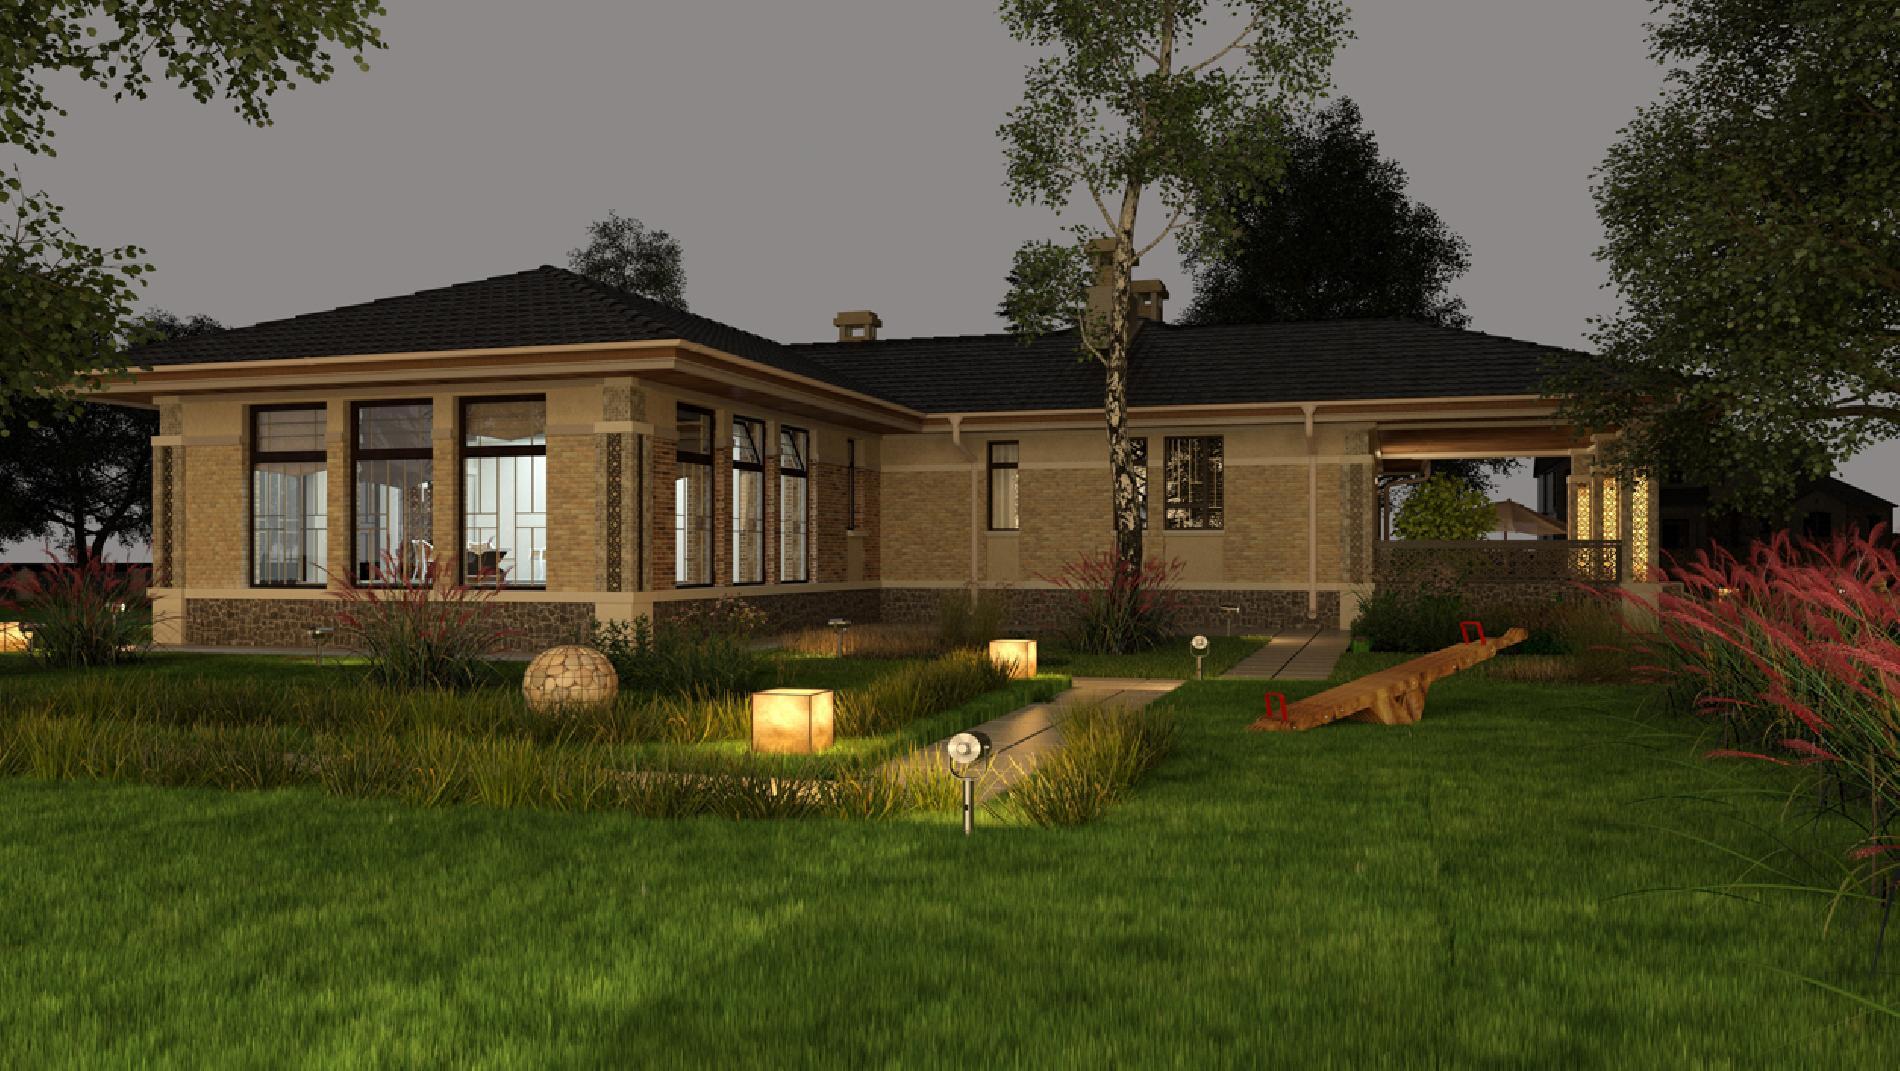 Проект одноэтажного дома с бассейном и сауной, баней, хамамом, зоной СПА